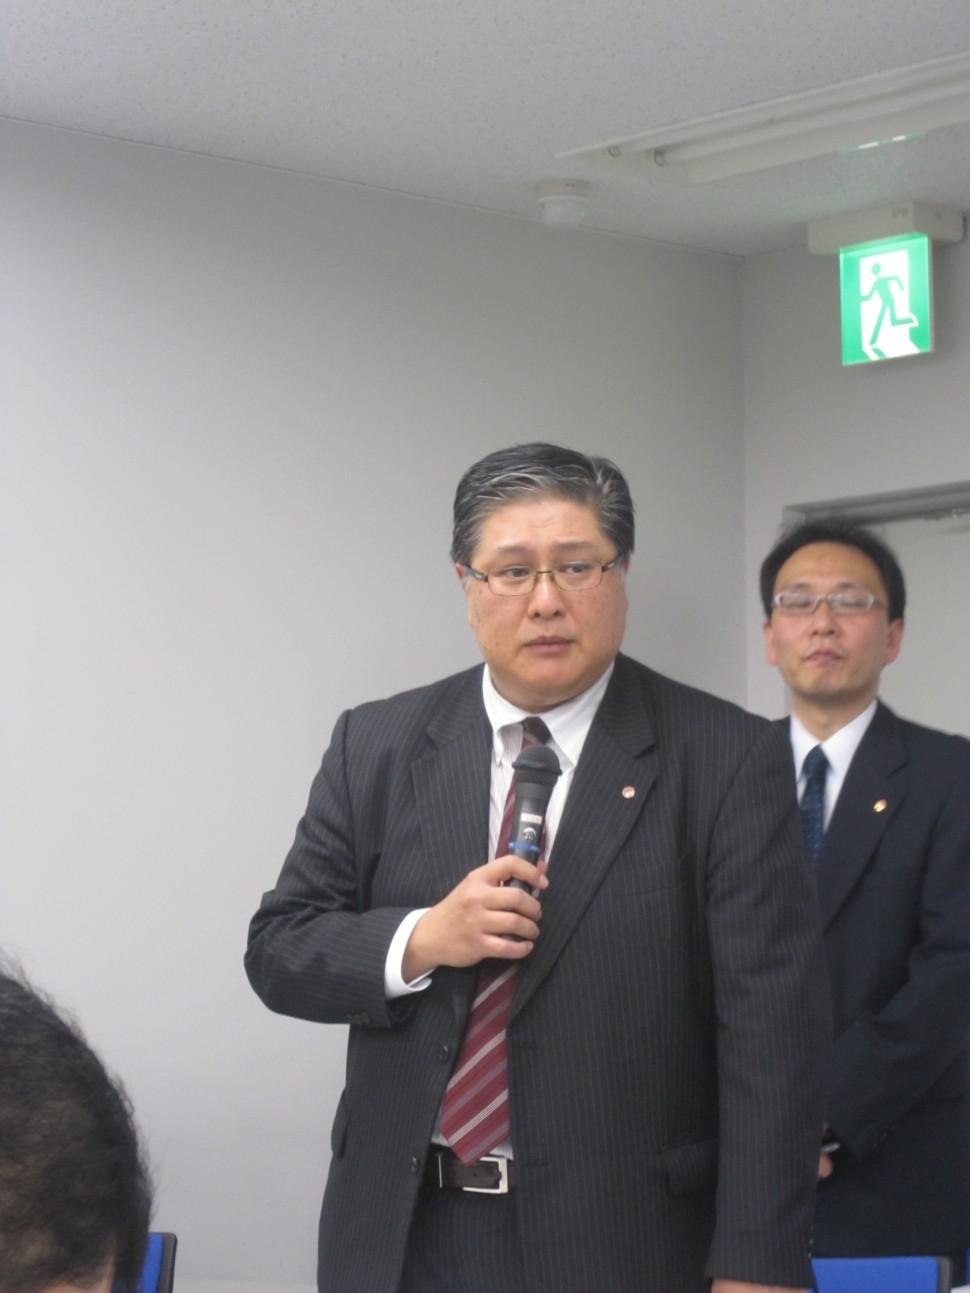 出席者からの質問に答える伊藤社長